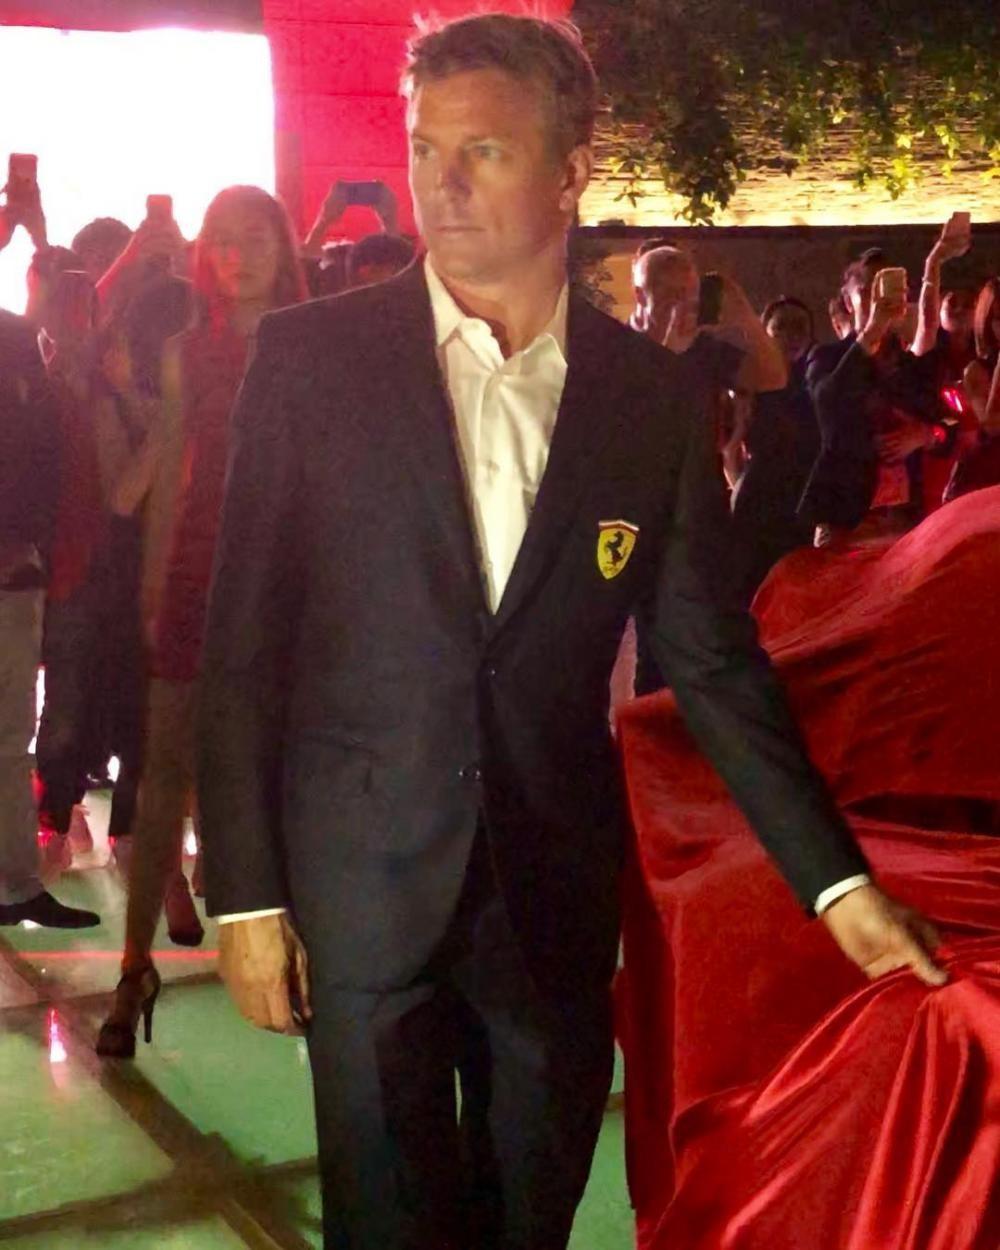 Đích thân tay đua Công thức 1 Kimi Raikkonen đã lột màn siêu xe Ferrari 488 Pista để giới thiệu đến giới nhà giàu Singapore